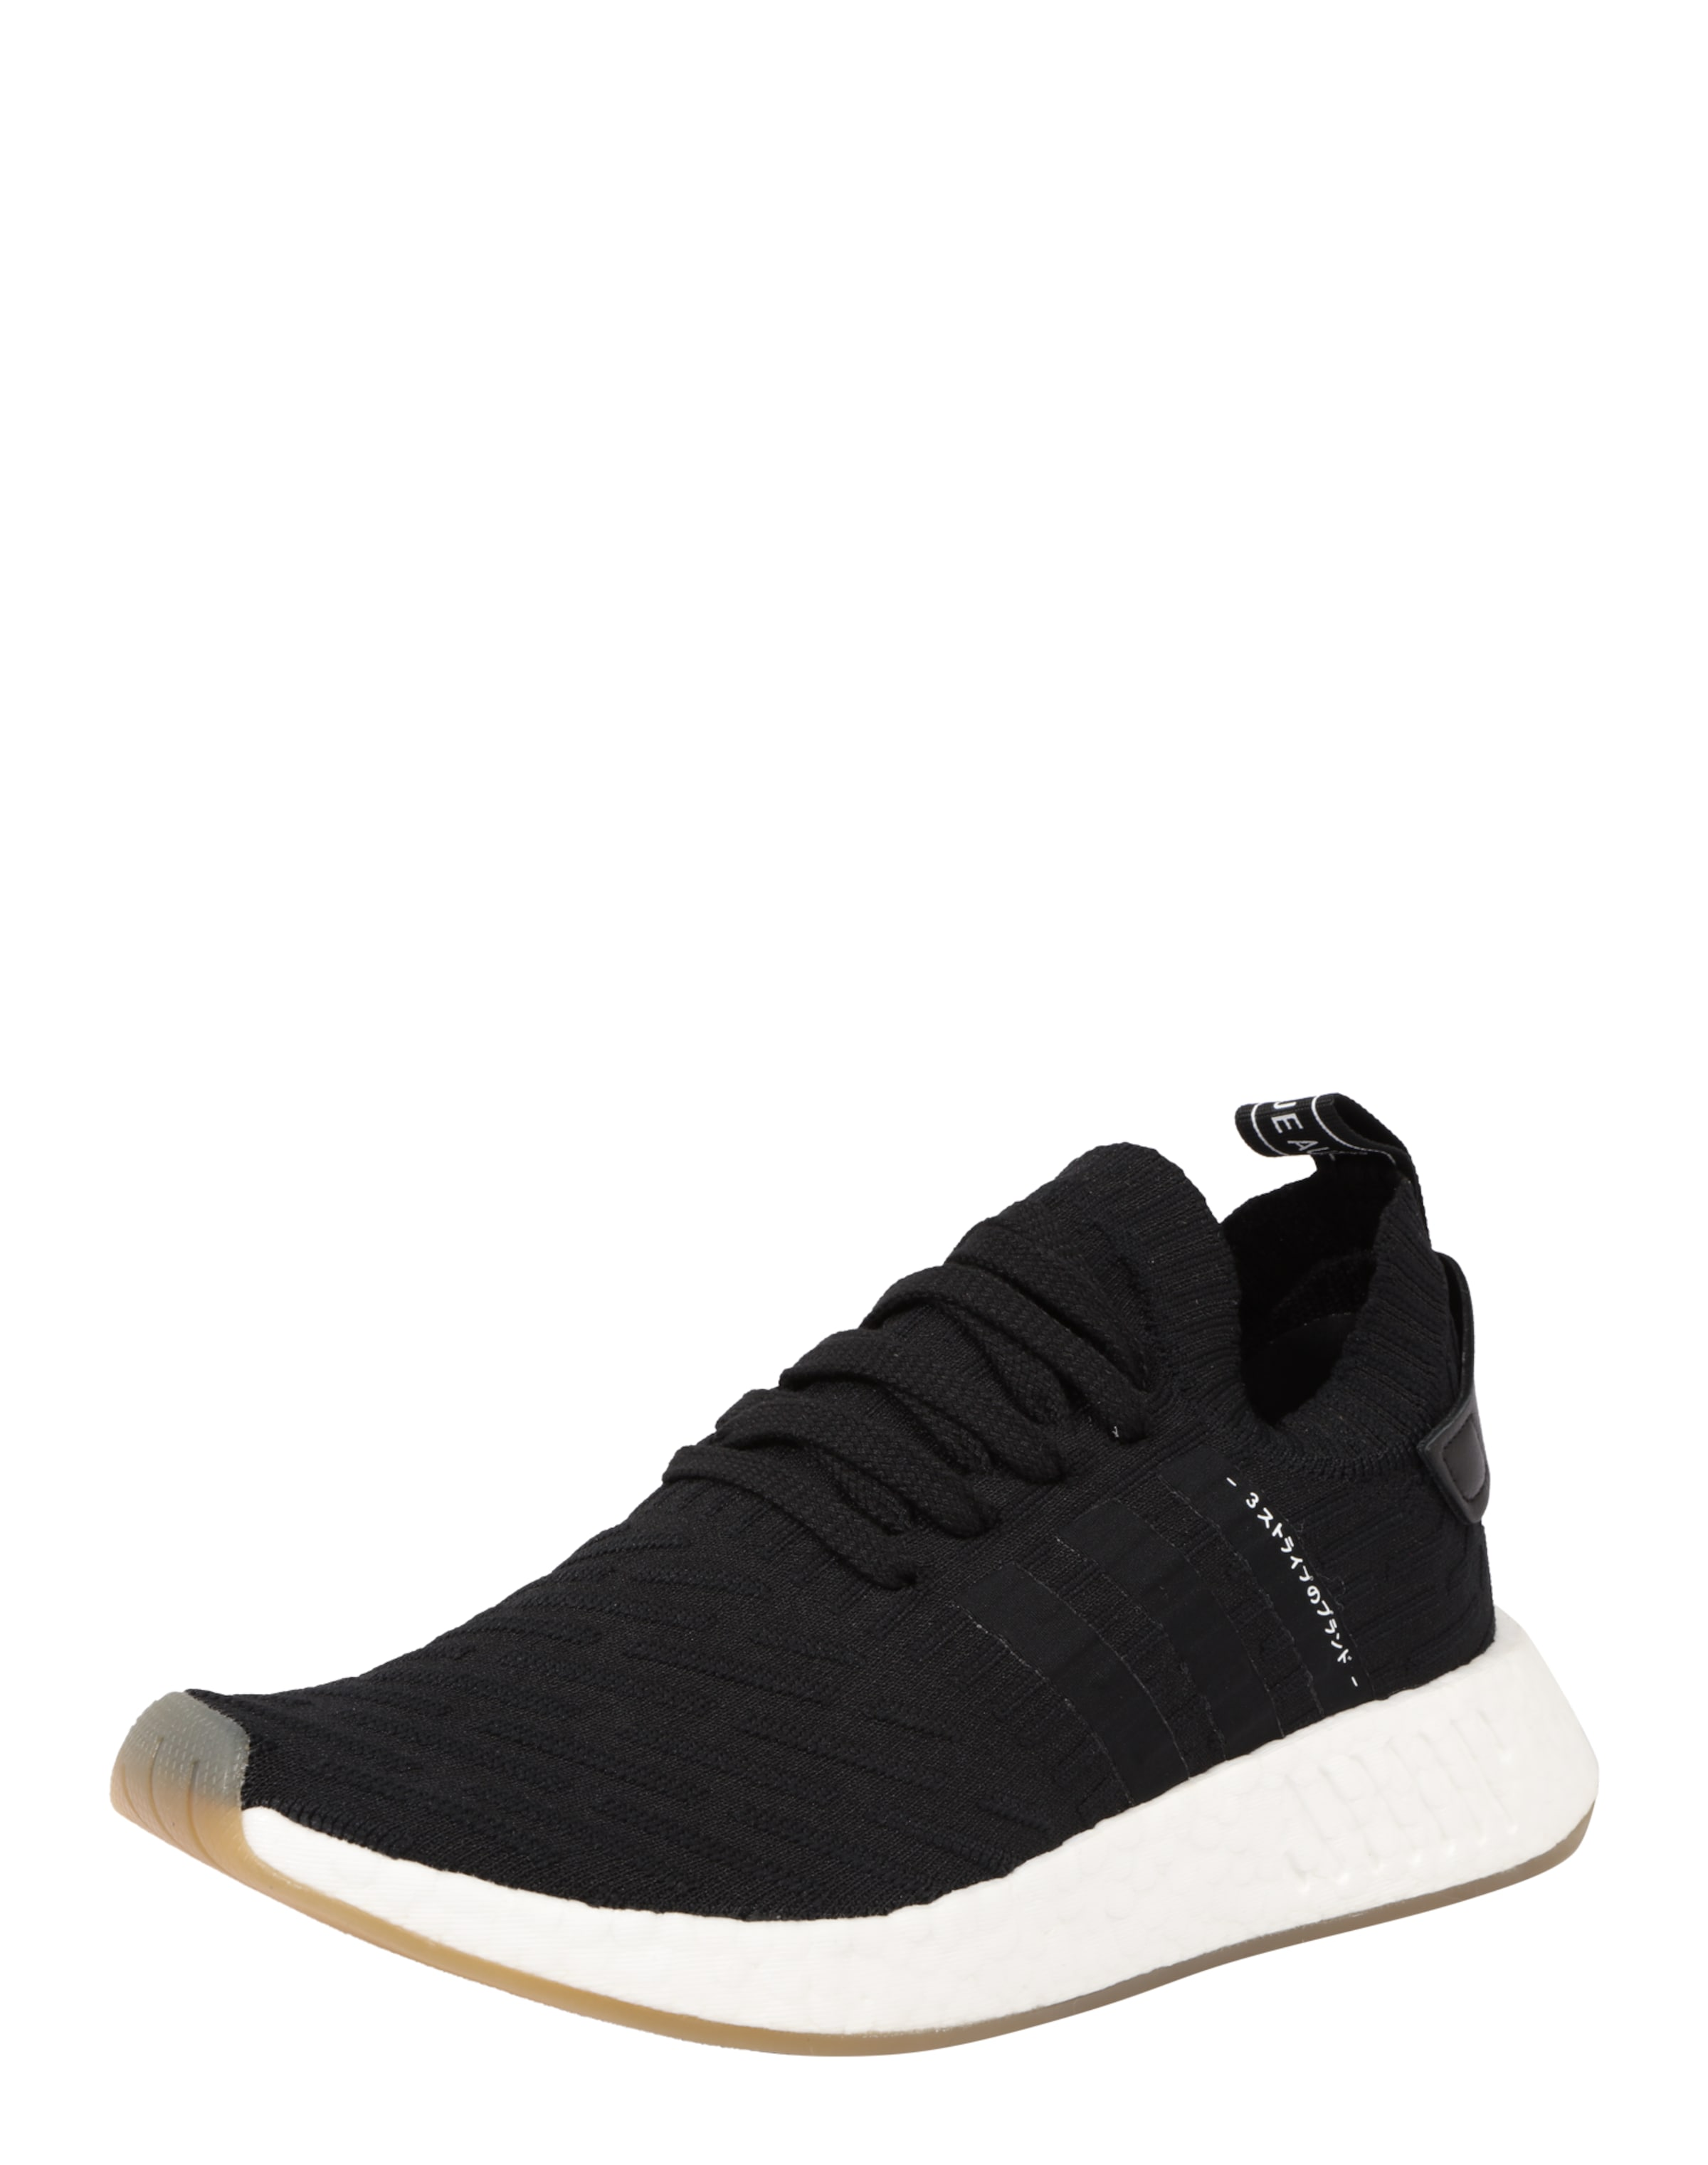 Haltbare Mode billige Schuhe ADIDAS ORIGINALS | Sneaker Sneaker Sneaker 'NMD_R2' Schuhe Gut getragene Schuhe 7c3f63